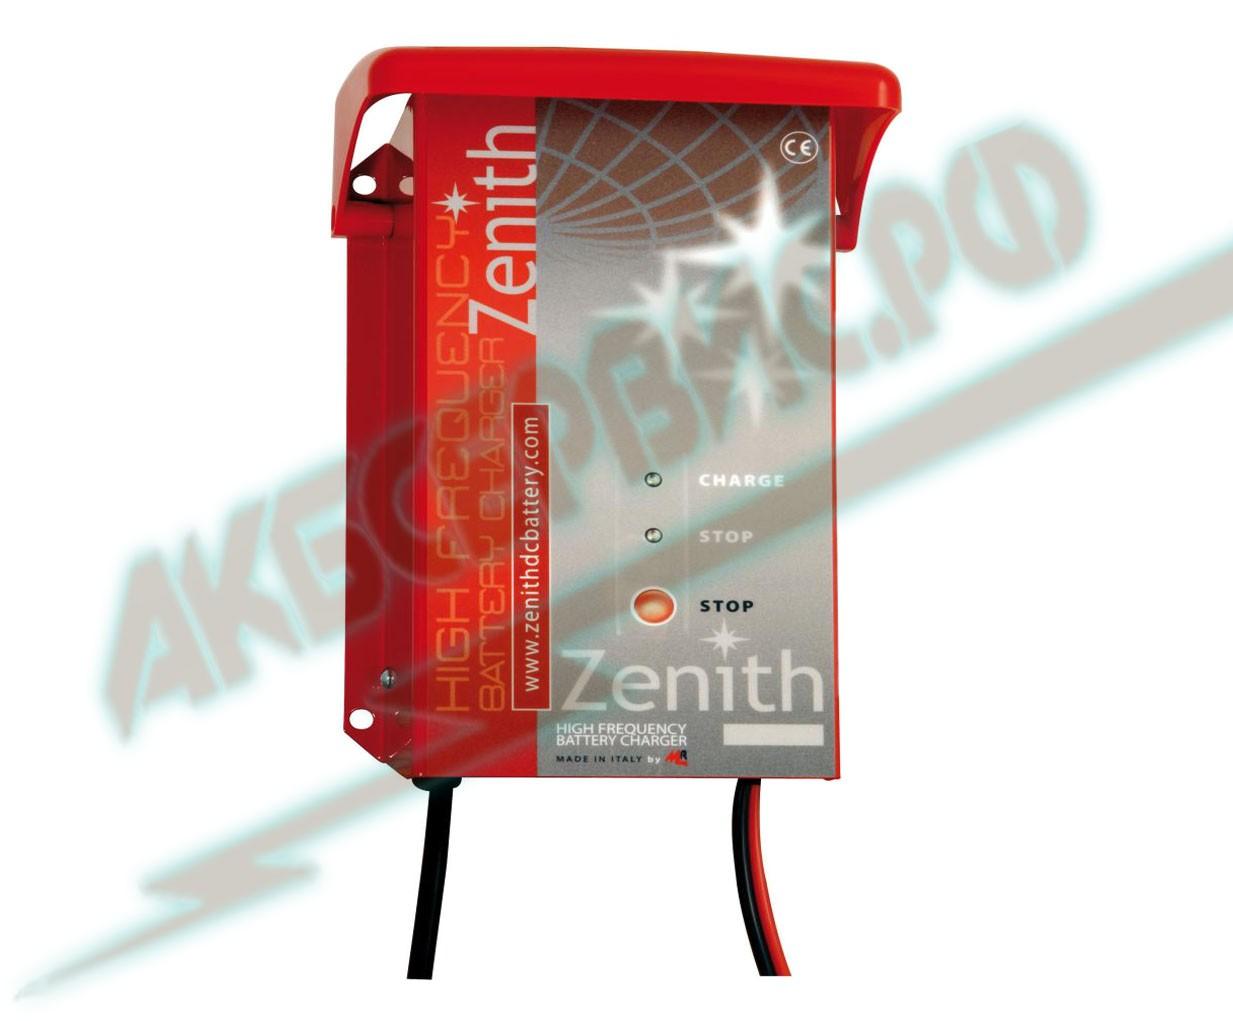 Акбсервис.РФ | Зарядное устройство - Zenith 2420